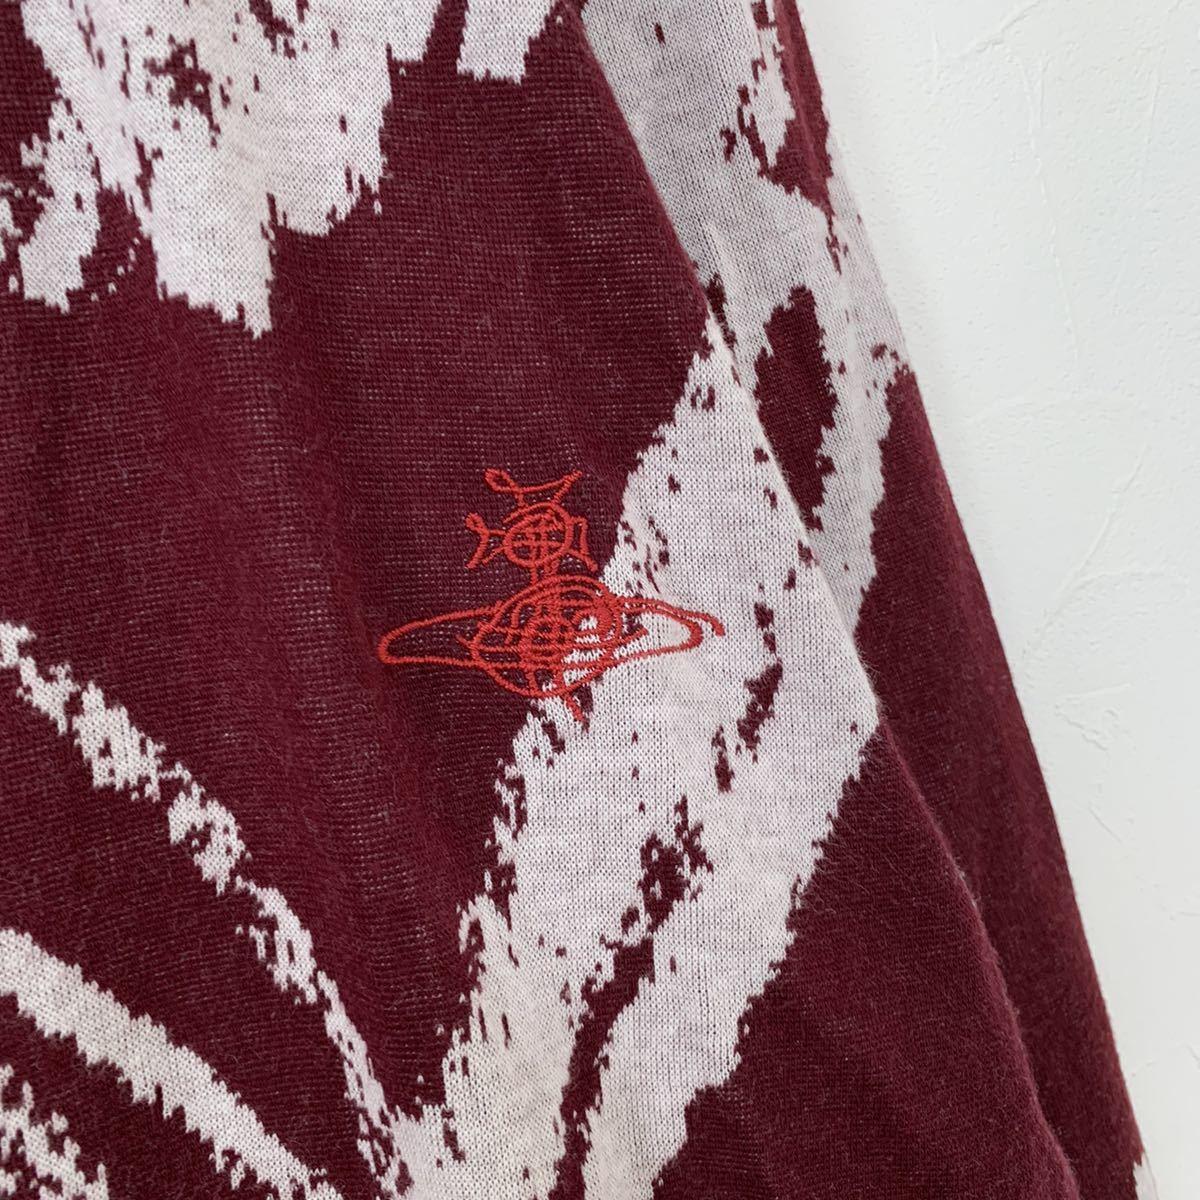 【送料込み】Vivienne Westwood ヴィヴィアンウエストウッド ジャケット メンズL